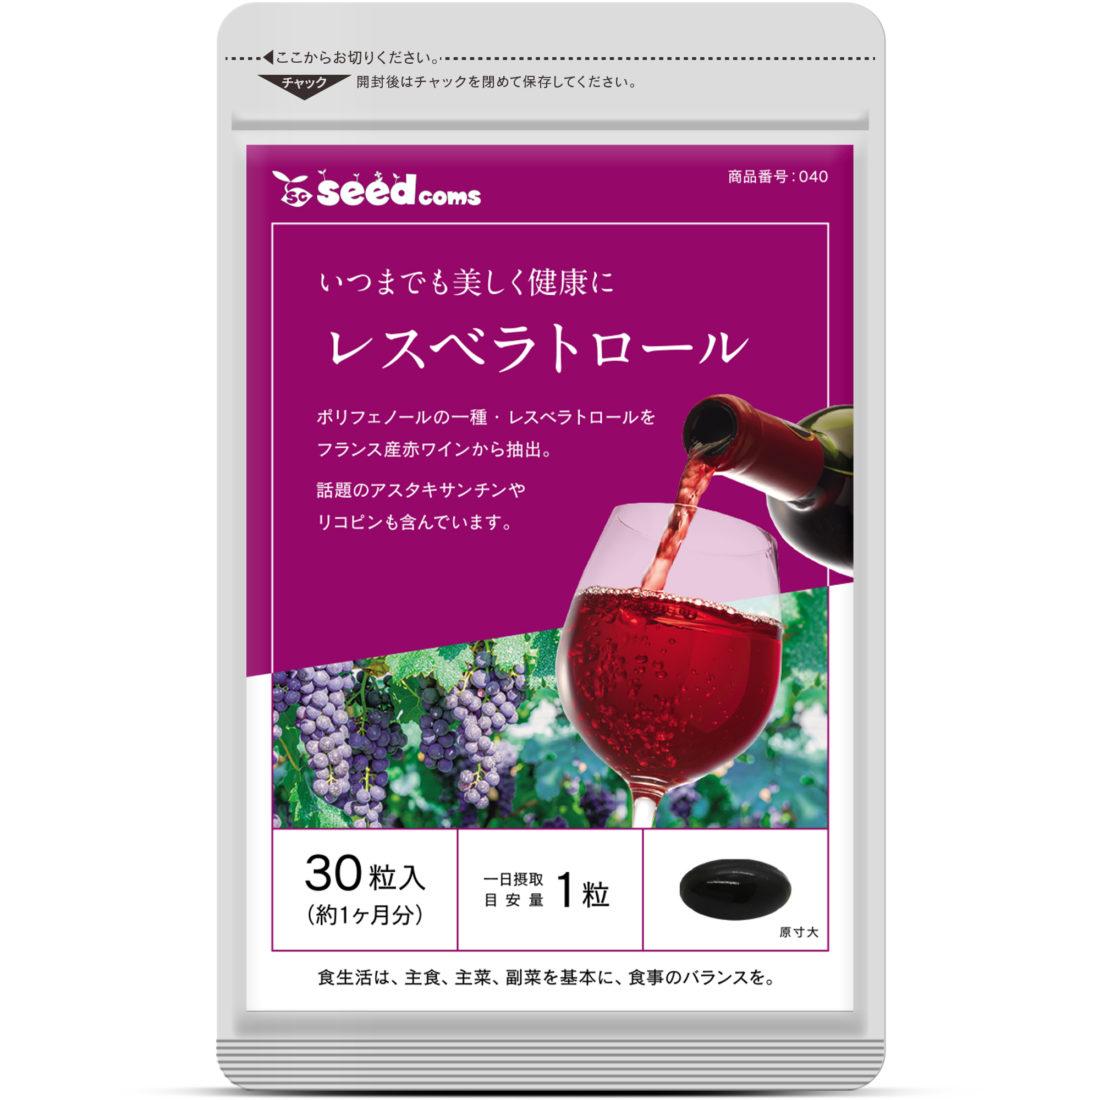 レスベラトロール シードコムス seedcoms